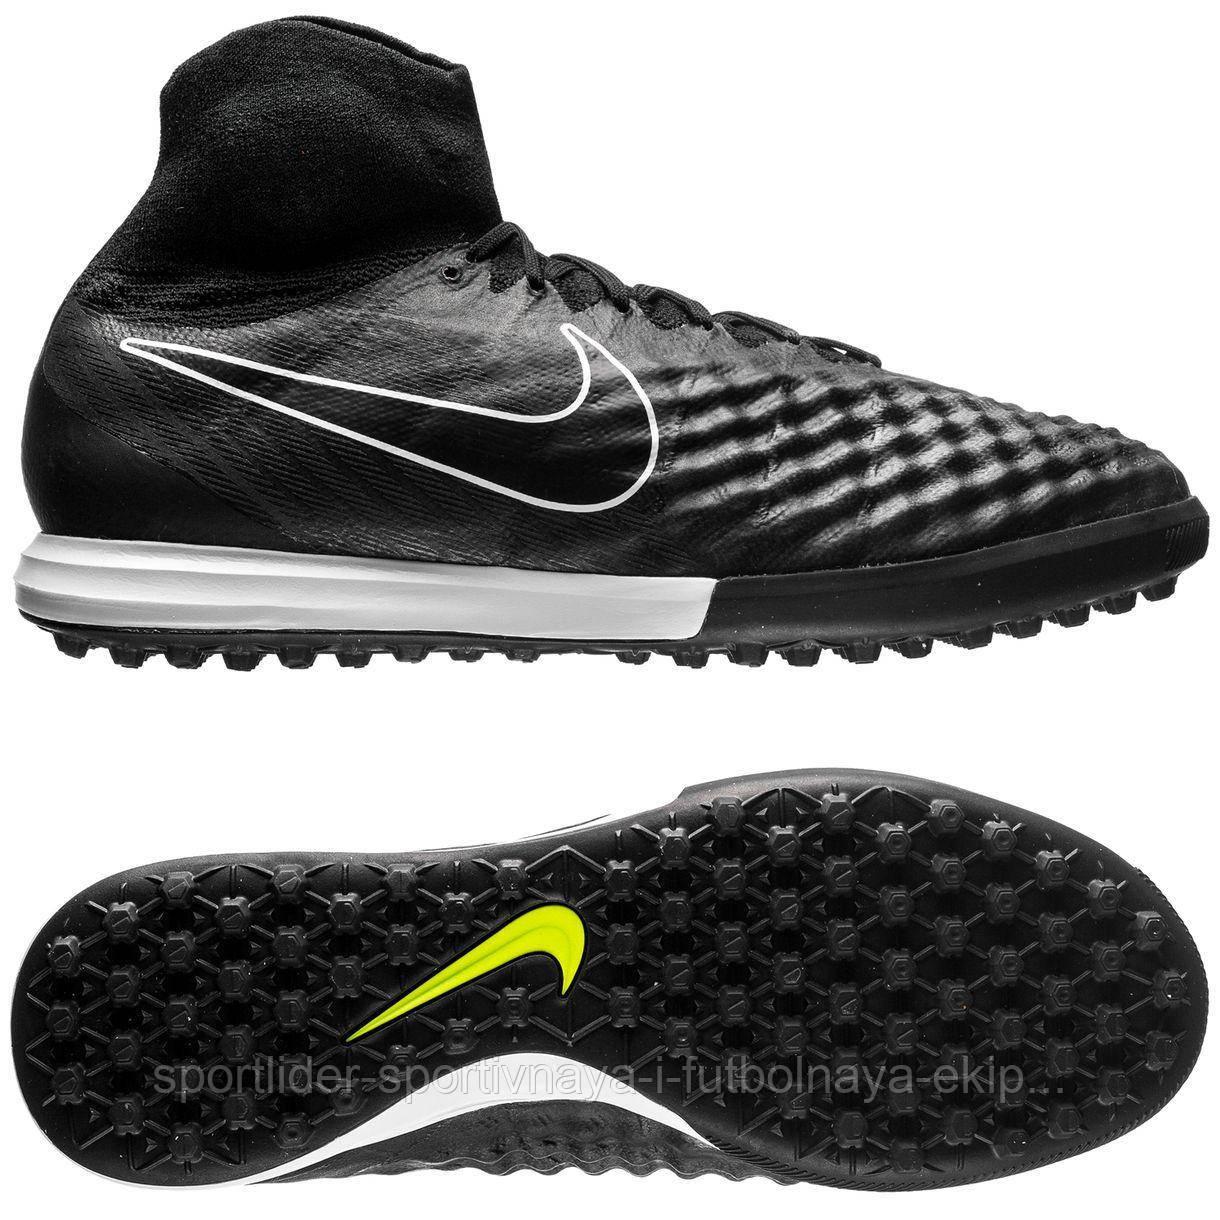 2c862cbd Сороконожки Nike MagistaX Proximo II TF 843958-007: продажа, цена в ...